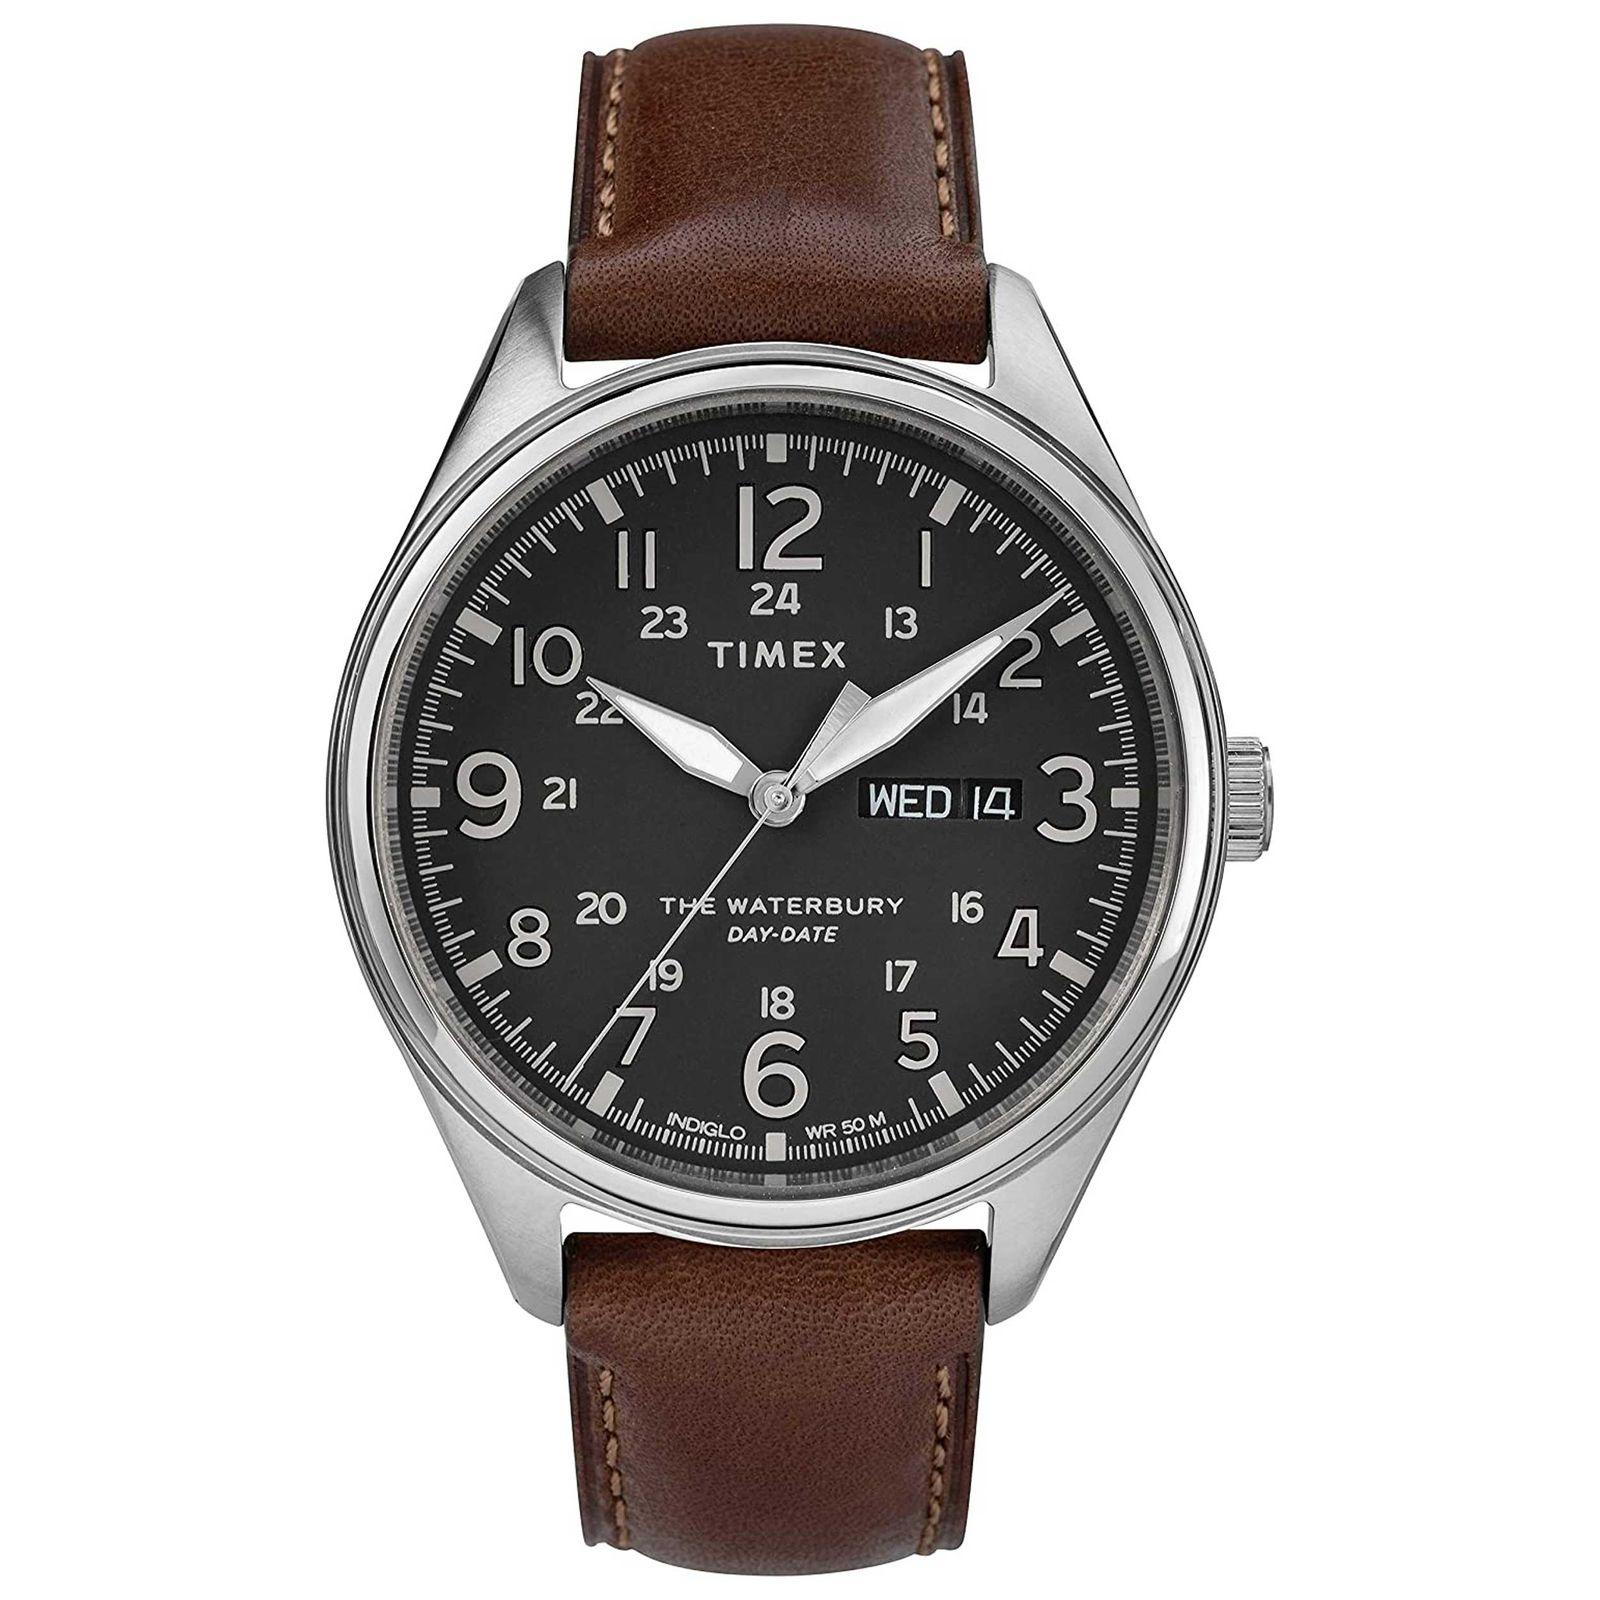 ساعت مچی عقربه ای مردانه تایمکس مدل TW2R89000 -  - 1